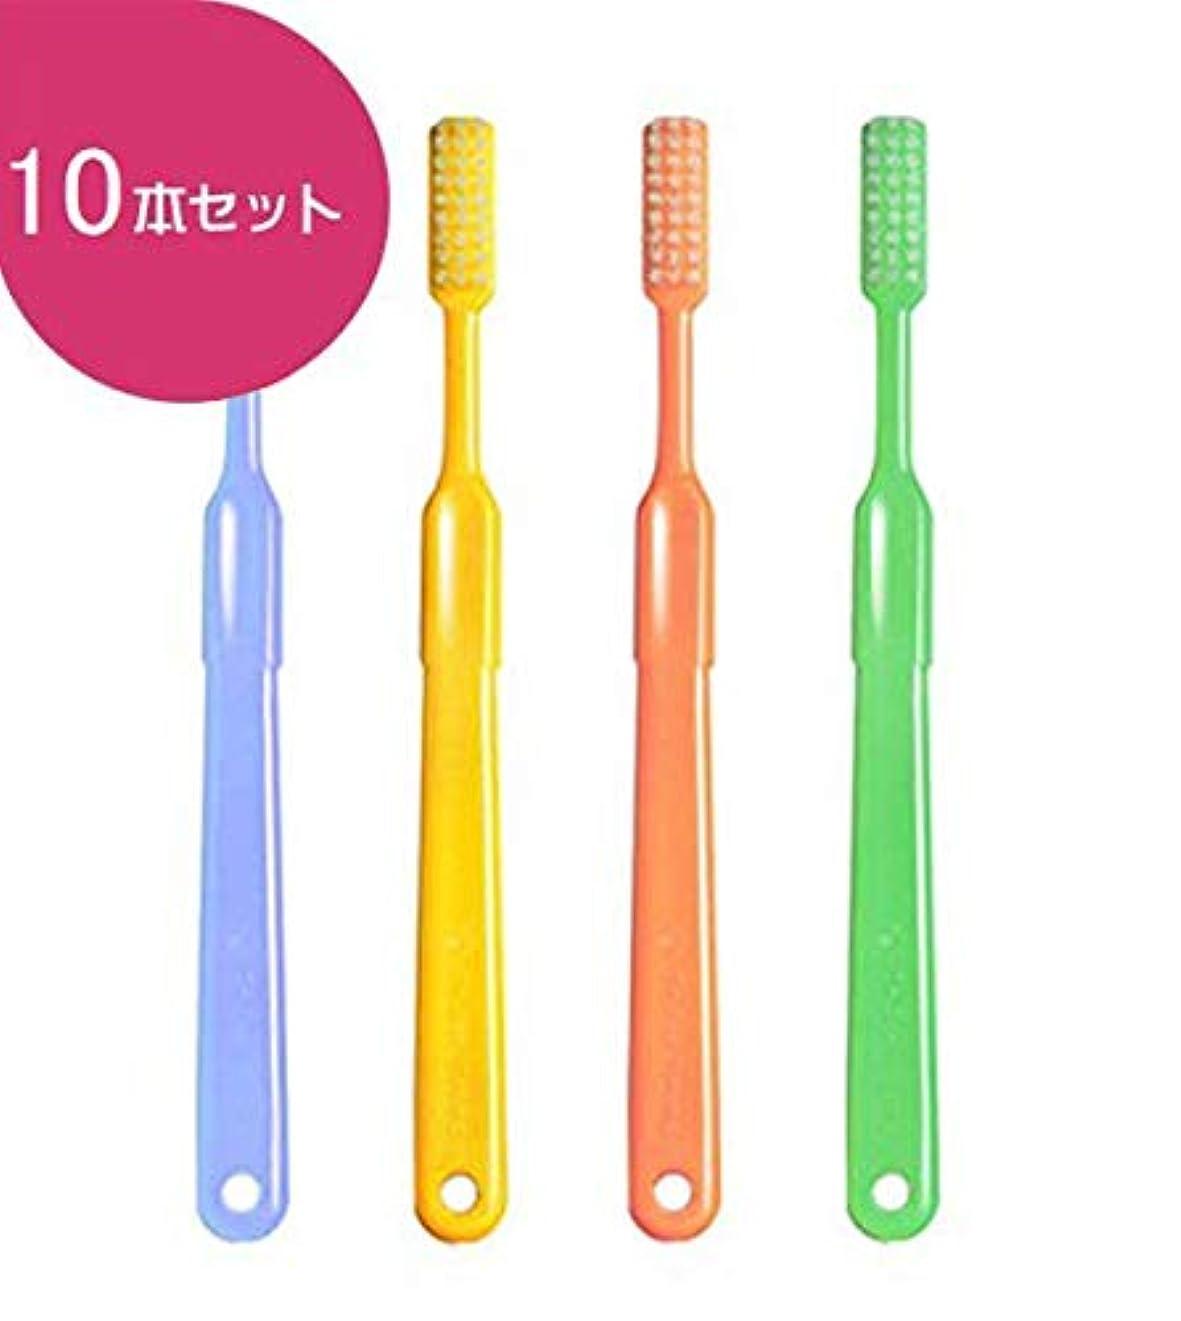 アンティーク再生可能不振ビーブランド ドクター ビーヤング 歯ブラシ 10本 (ヤングハード)